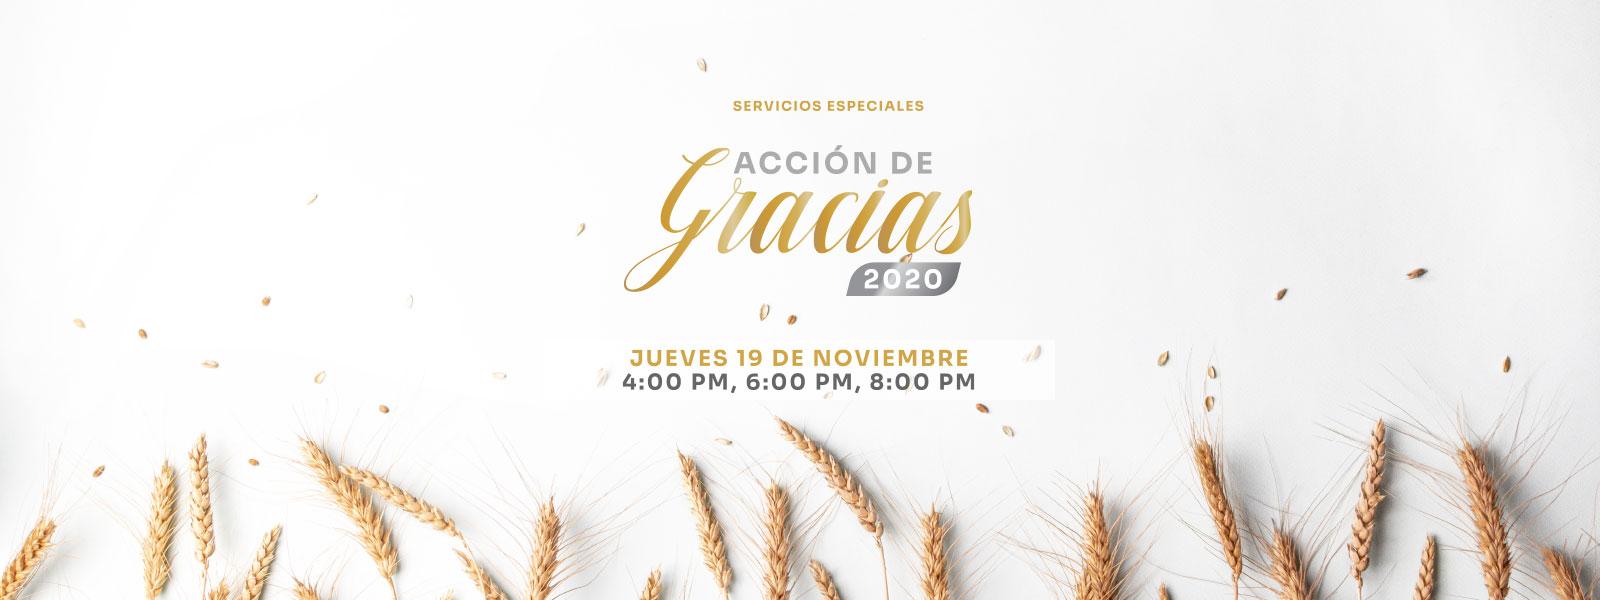 Iglesia Gracia Sobre Gracia | Acción de Gracias